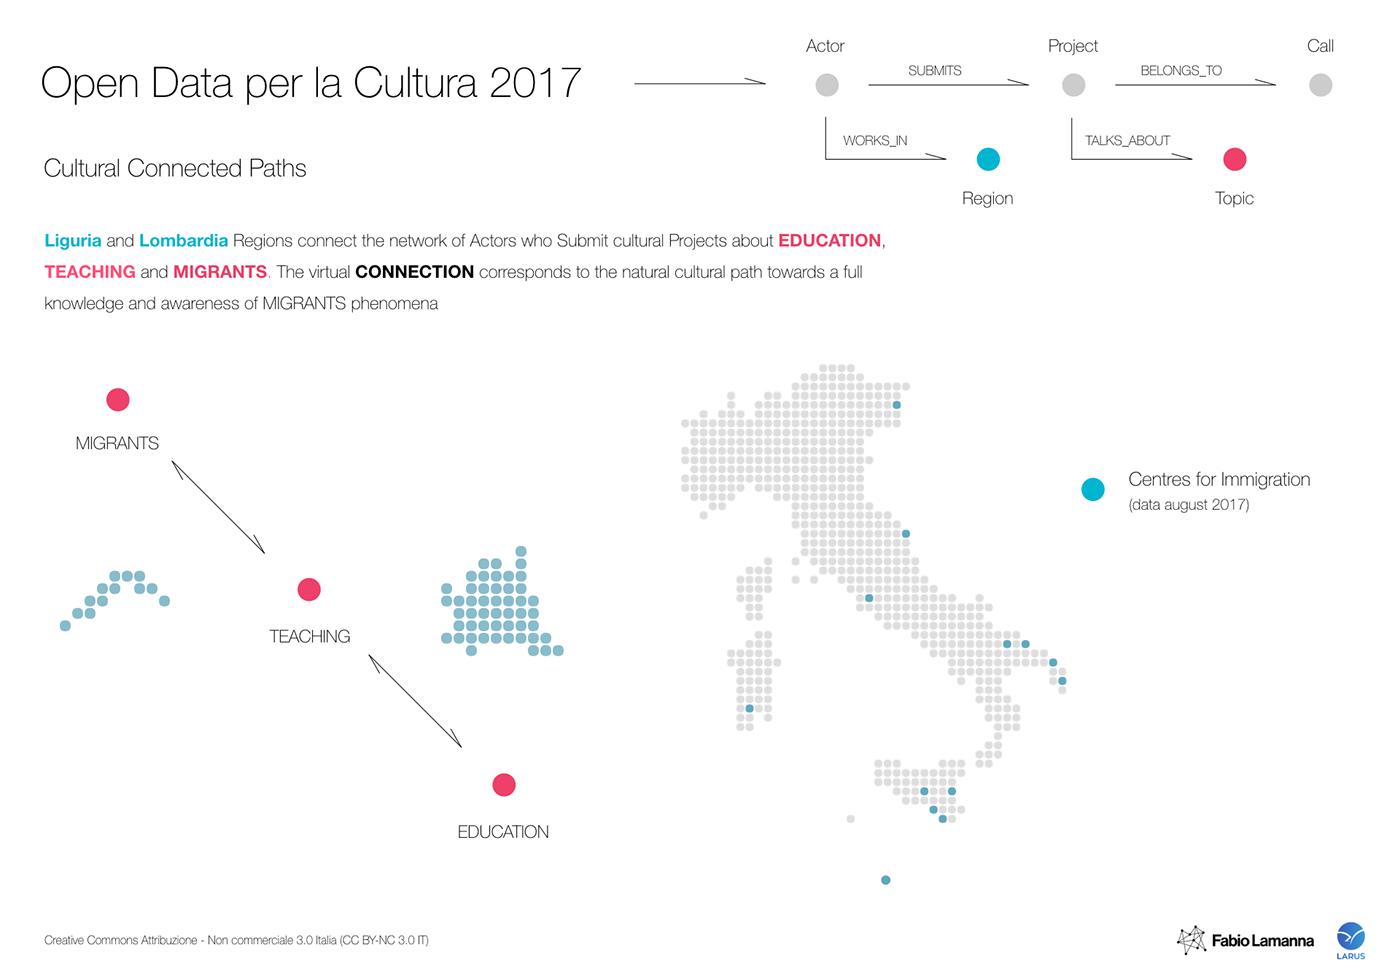 cultura opendata migration Migranti